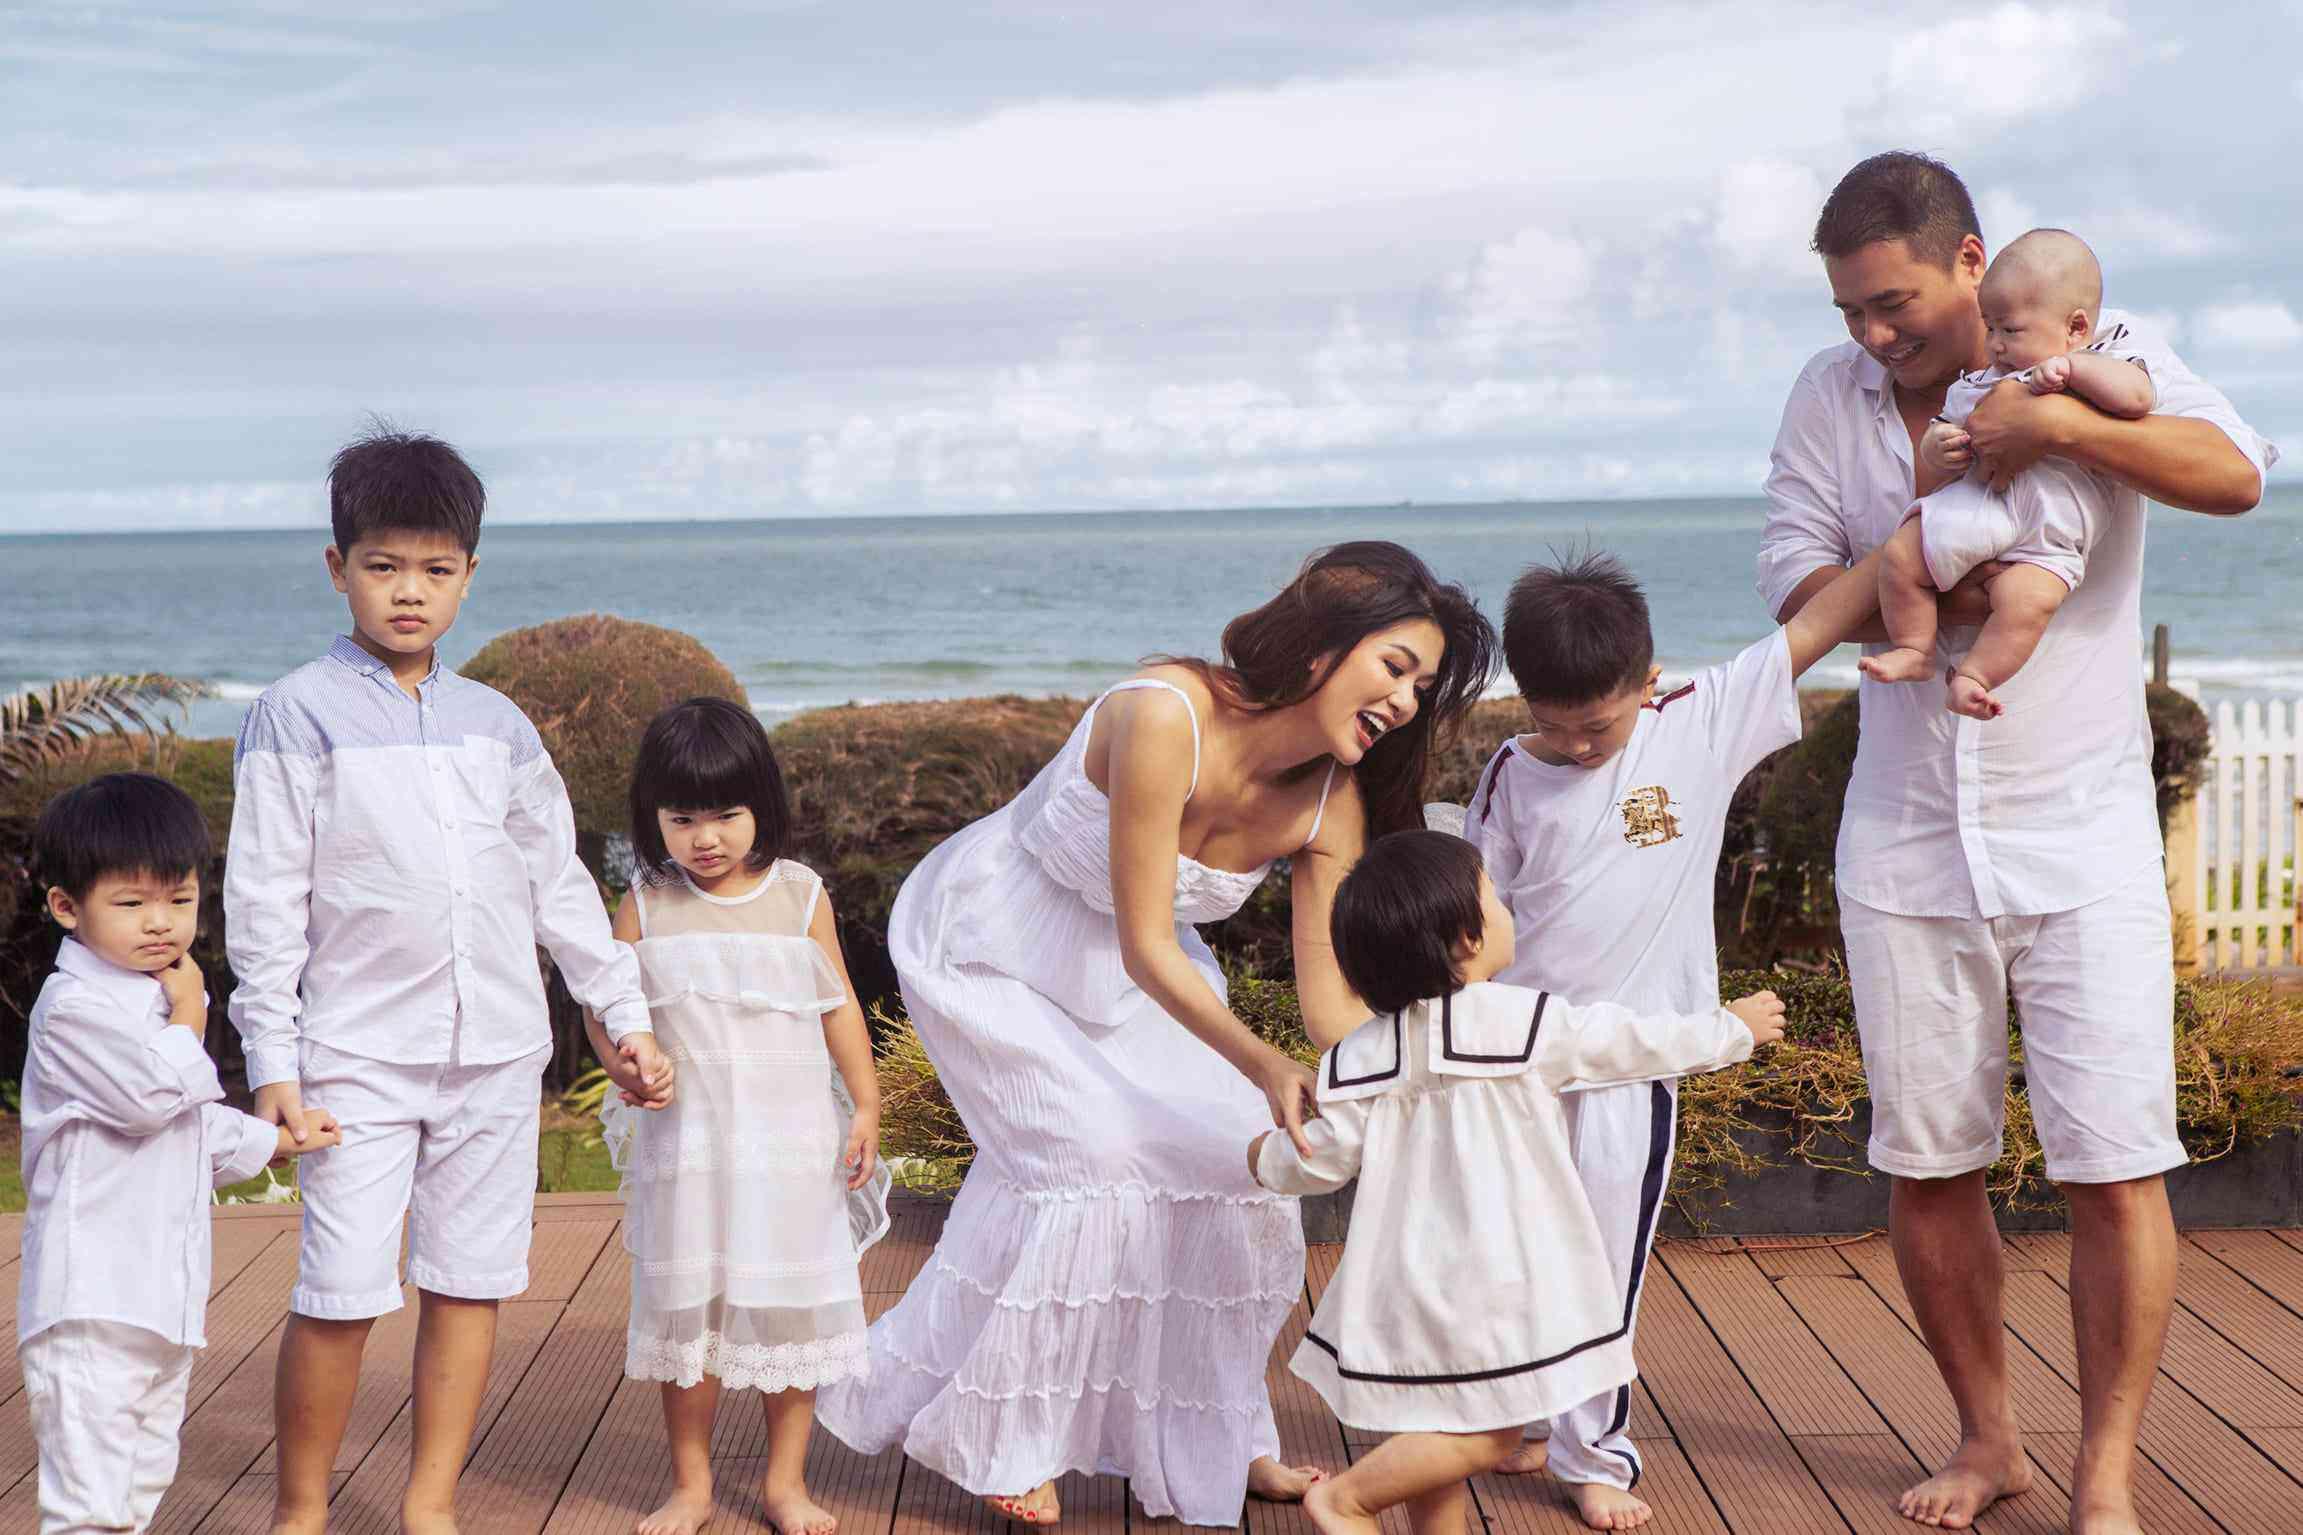 Hoa hậu Oanh Yến cạo trọc đầu, quản lý riêng chia sẻ nguyên do và phản ứng của các con - 1